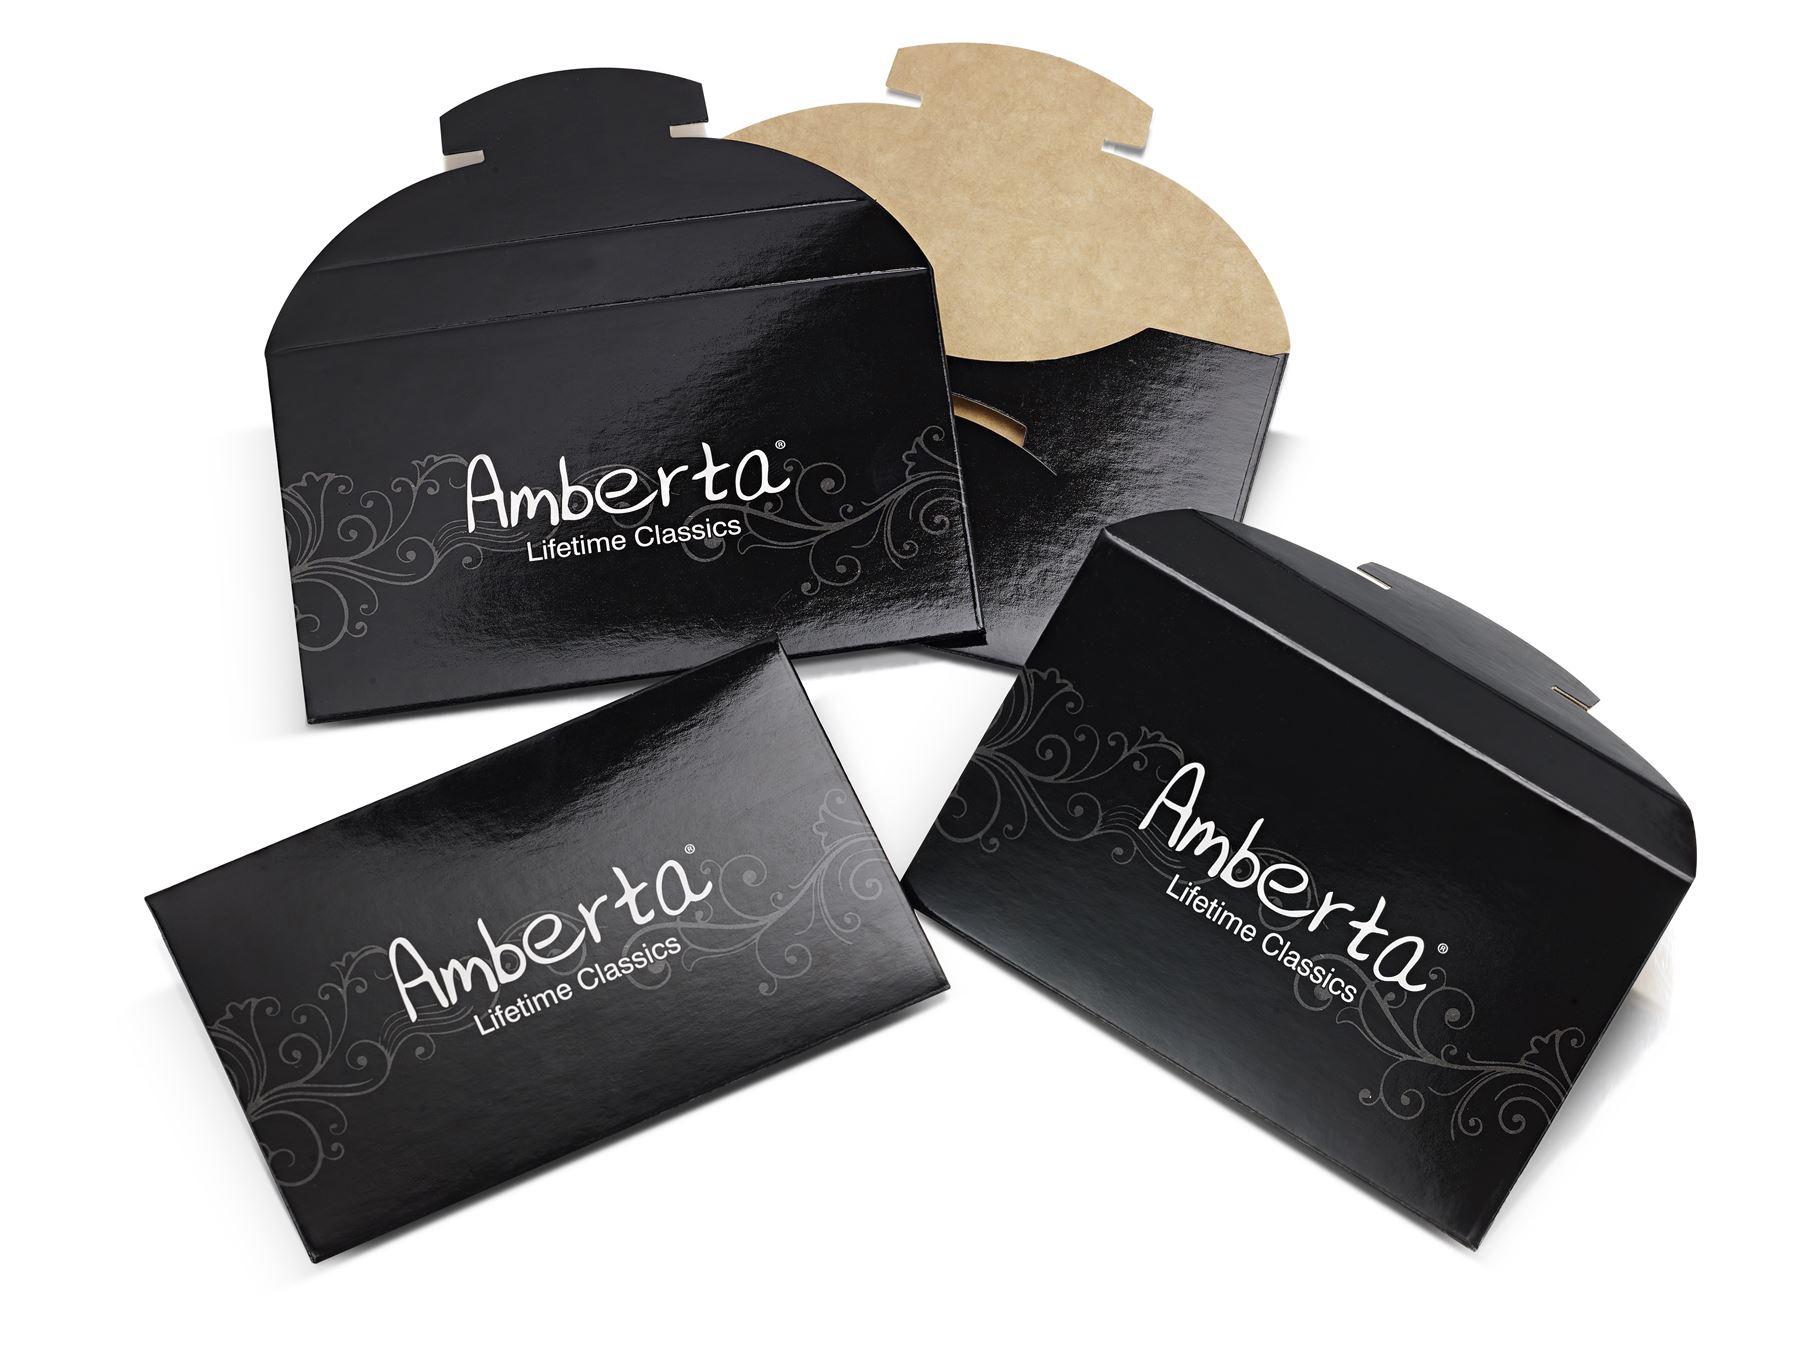 Amberta-Bijoux-Bracelet-en-Vrai-Argent-Sterling-925-Chaine-pour-Femme-a-la-Mode thumbnail 82